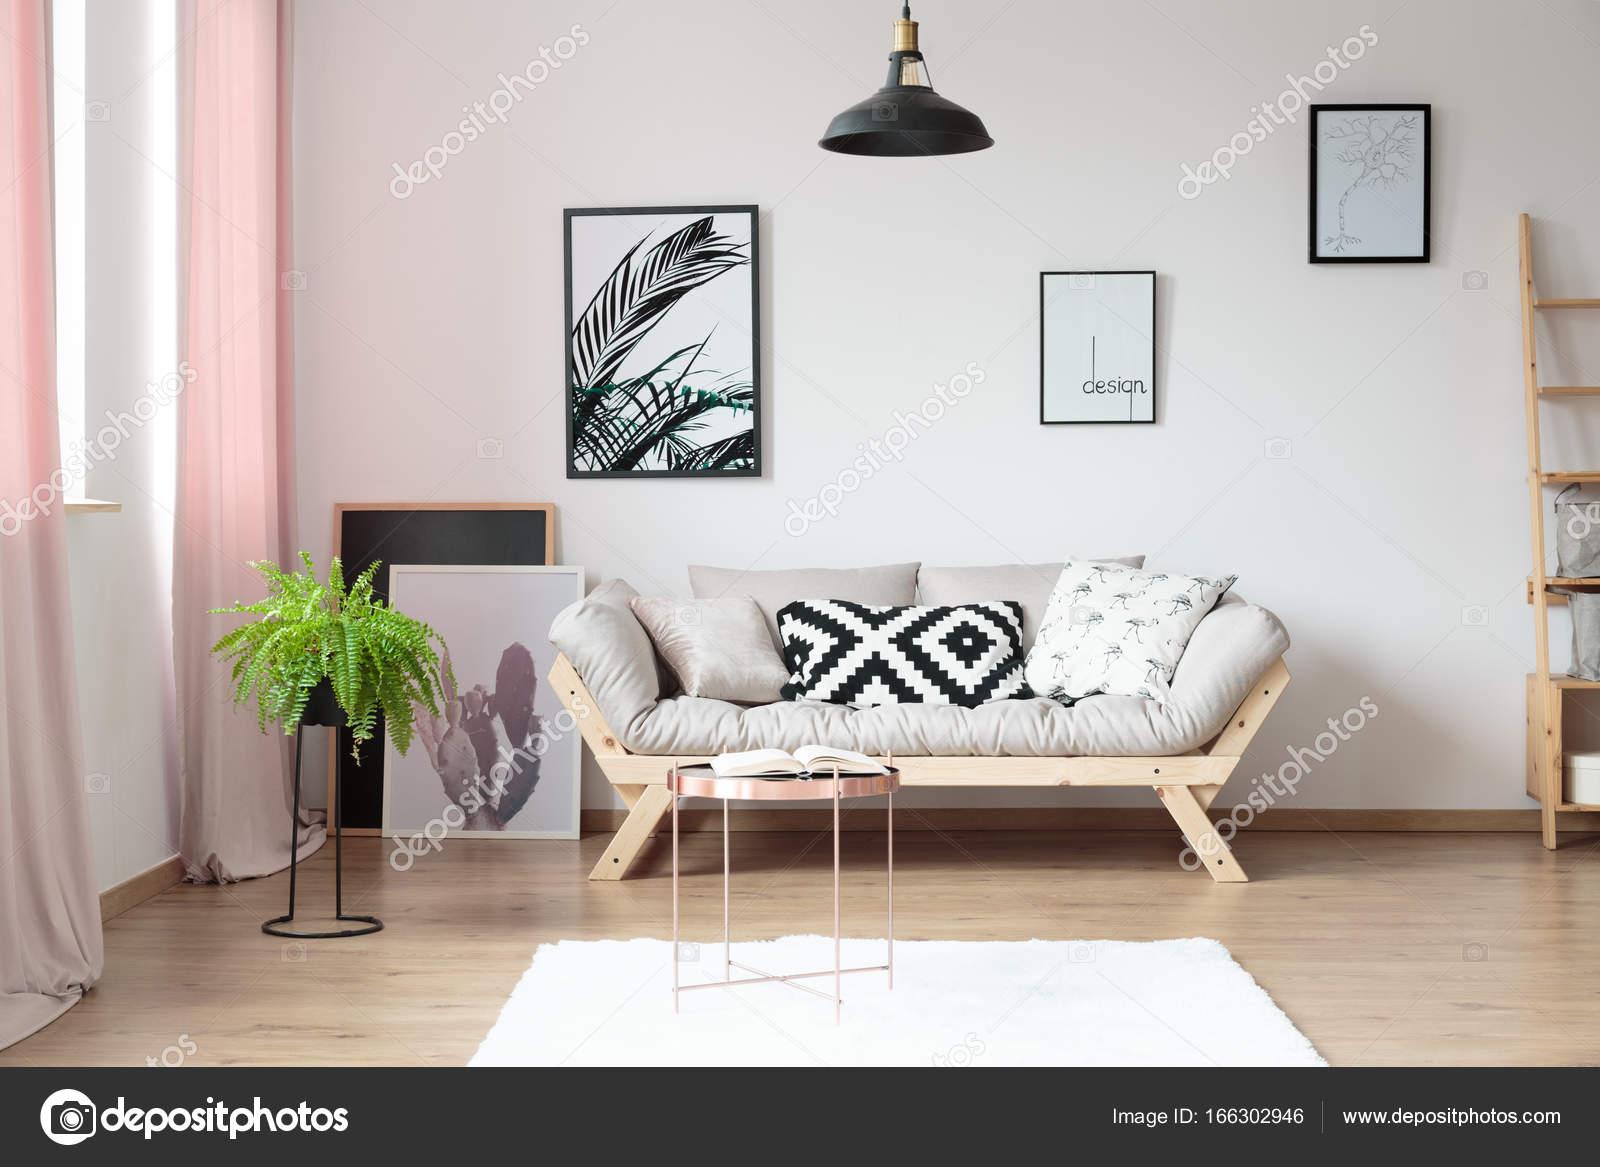 Einfache Wohnzimmer mit Farn — Stockfoto © photographee.eu #166302946